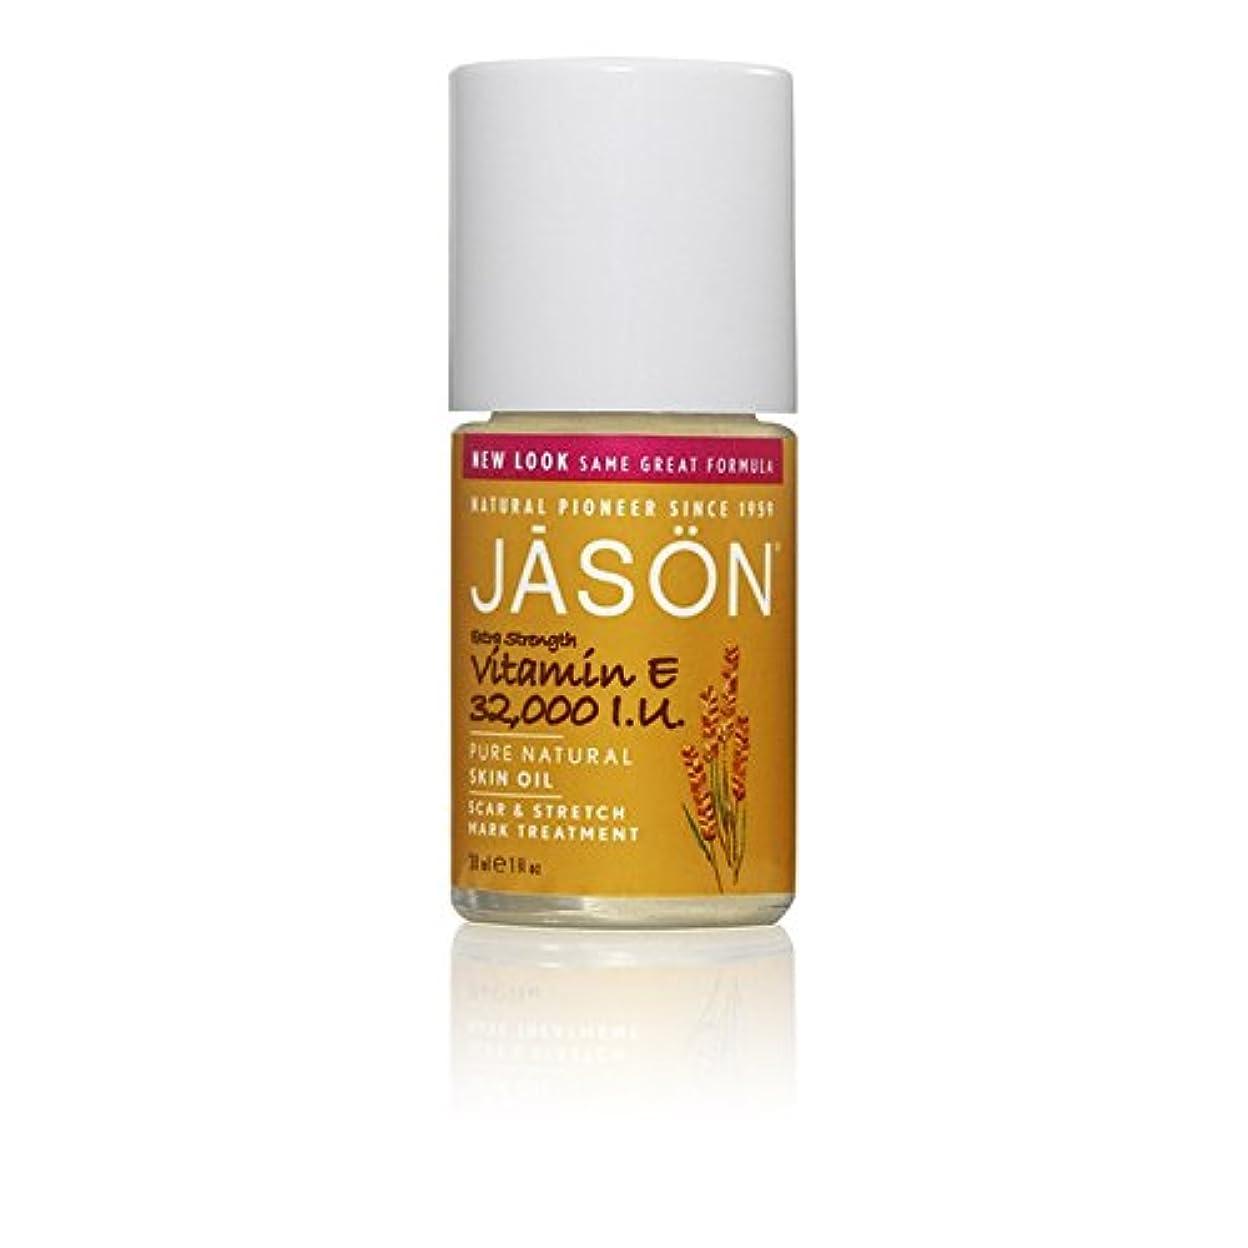 再開助けになる禁止するJason Vitamin E 32,000iu Oil Scar & Stretch Mark Treatment 33ml (Pack of 6) - ジェイソン?ビタミン 32,000オイル傷跡&ストレッチマークトリートメント...